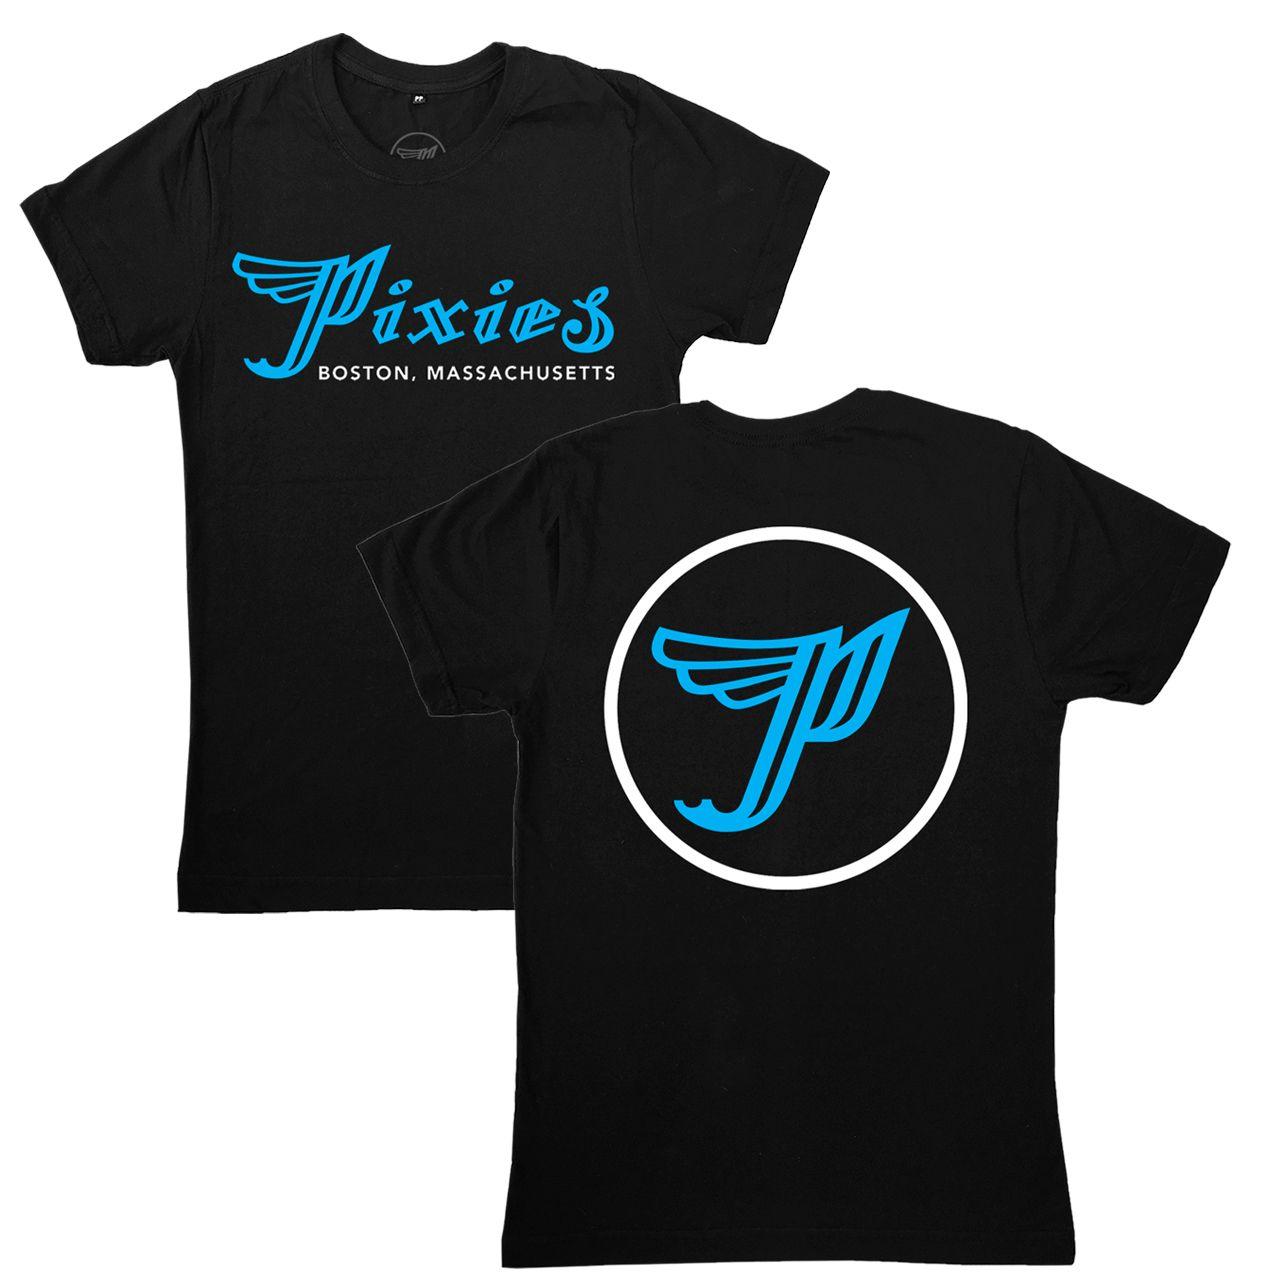 Pixies - Original